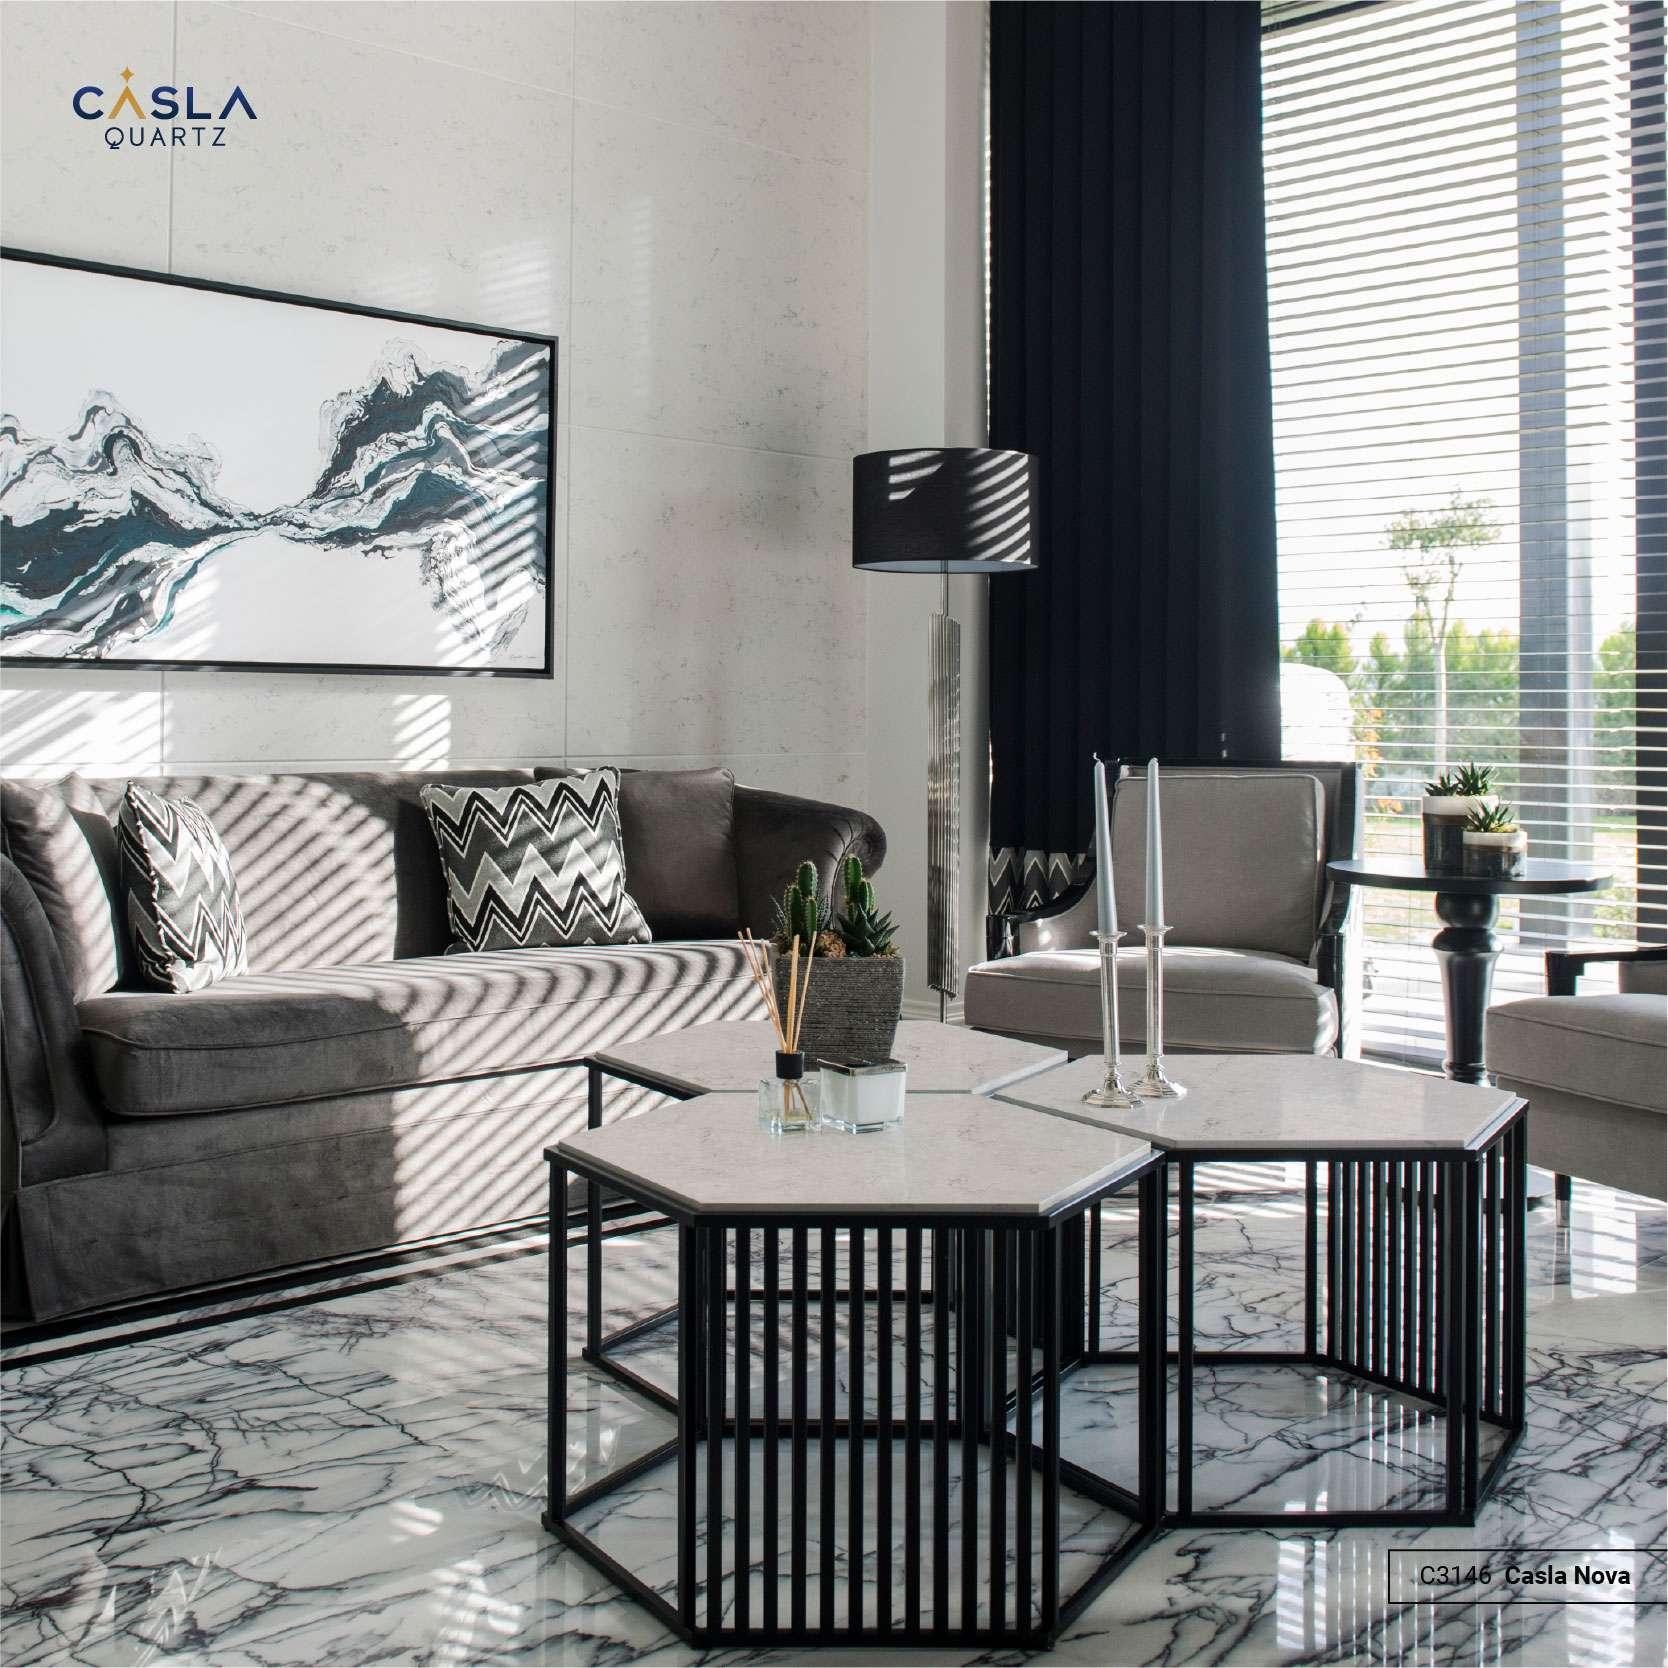 Mặt bàn thiết kế theo hình lục giác, kiểu dáng hiện đại và cá tính.